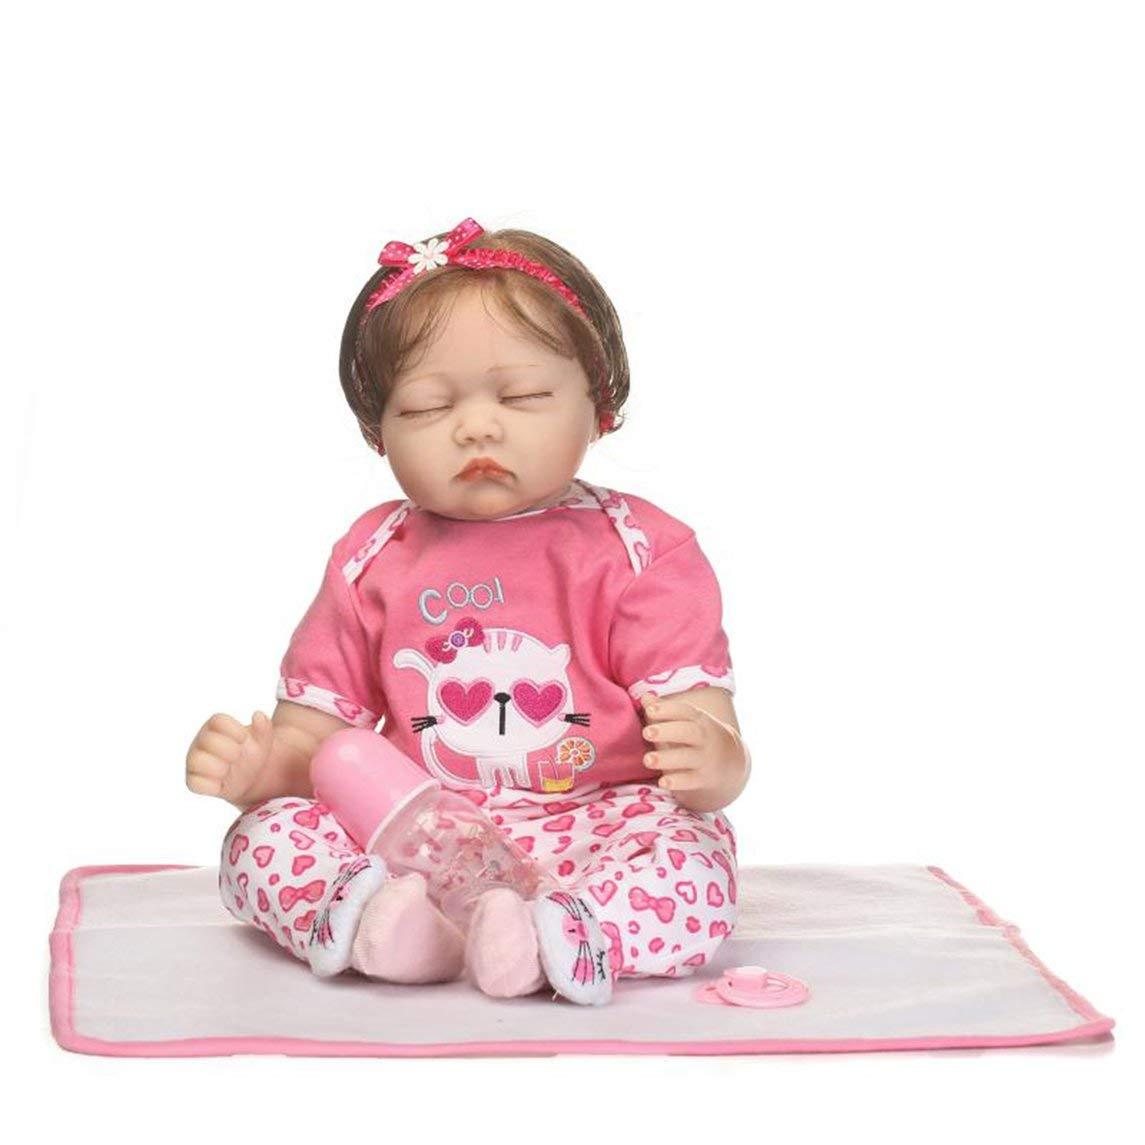 Footprintes 55cm Ganzkörper Weich Silikon Vinyl Babypuppe ungiftig Sicheres Spielzeug Handgemachtes Lebensechtes Neugeborenes Baby Puppe Spielzeug Playmate Baby Doll